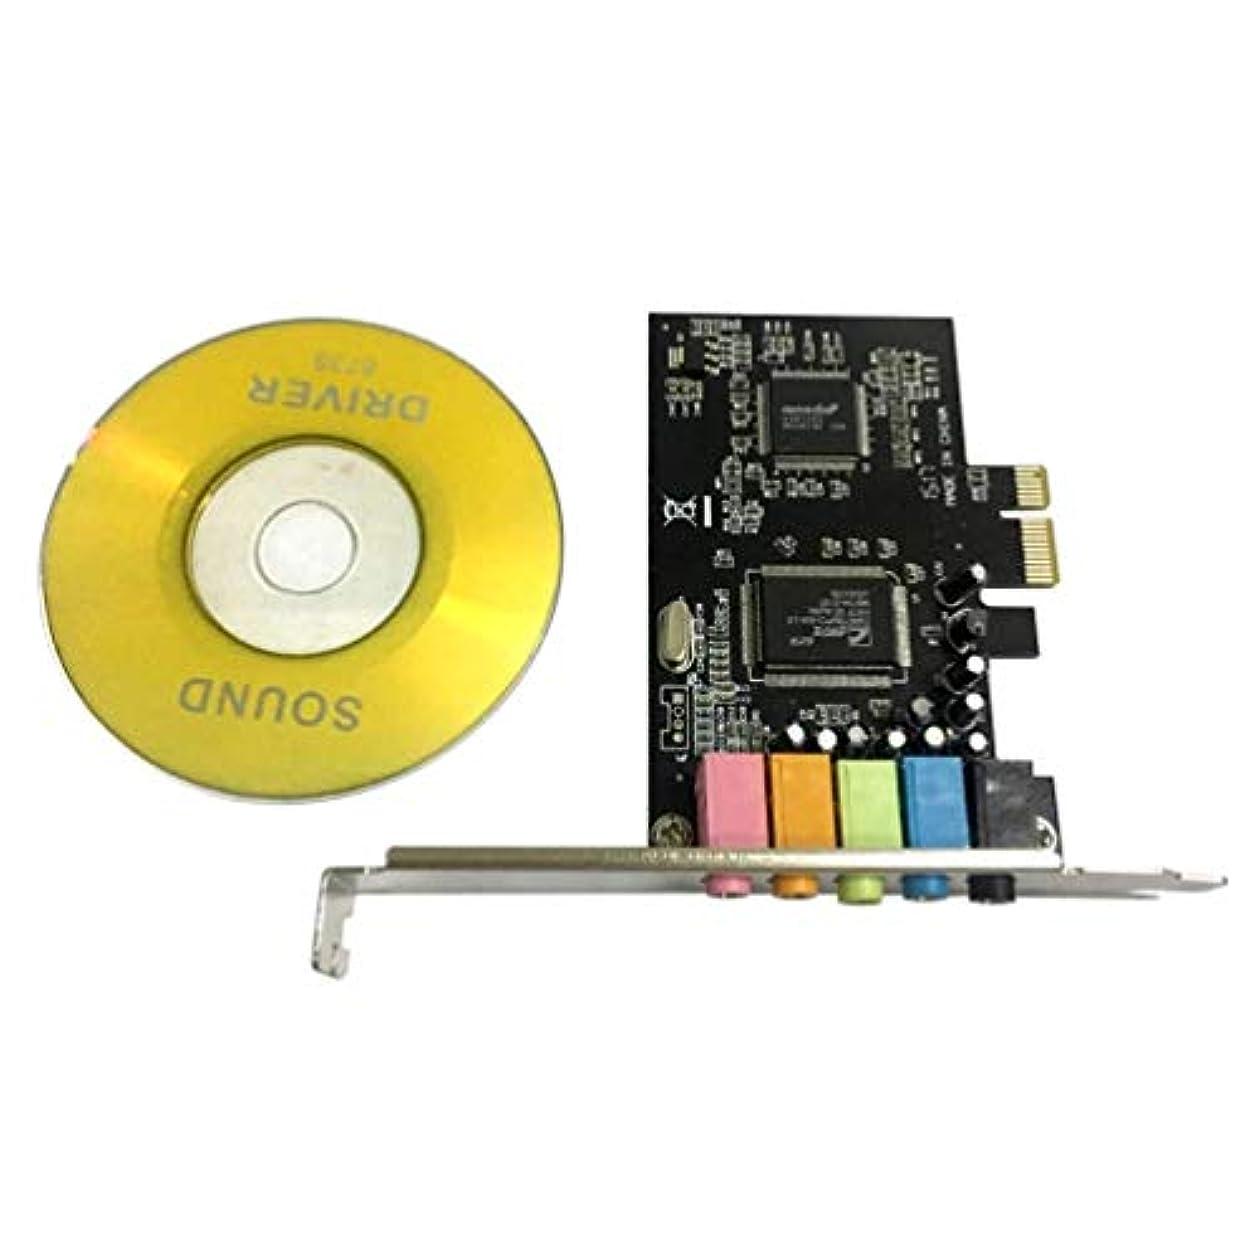 トレーニングフォーマット格差PCI-E PCI Express 6チャンネル5.1 CMI8738オーディオサウンドカードPCコンピュータ互換用Windows通常のサウンドカード拡張カード